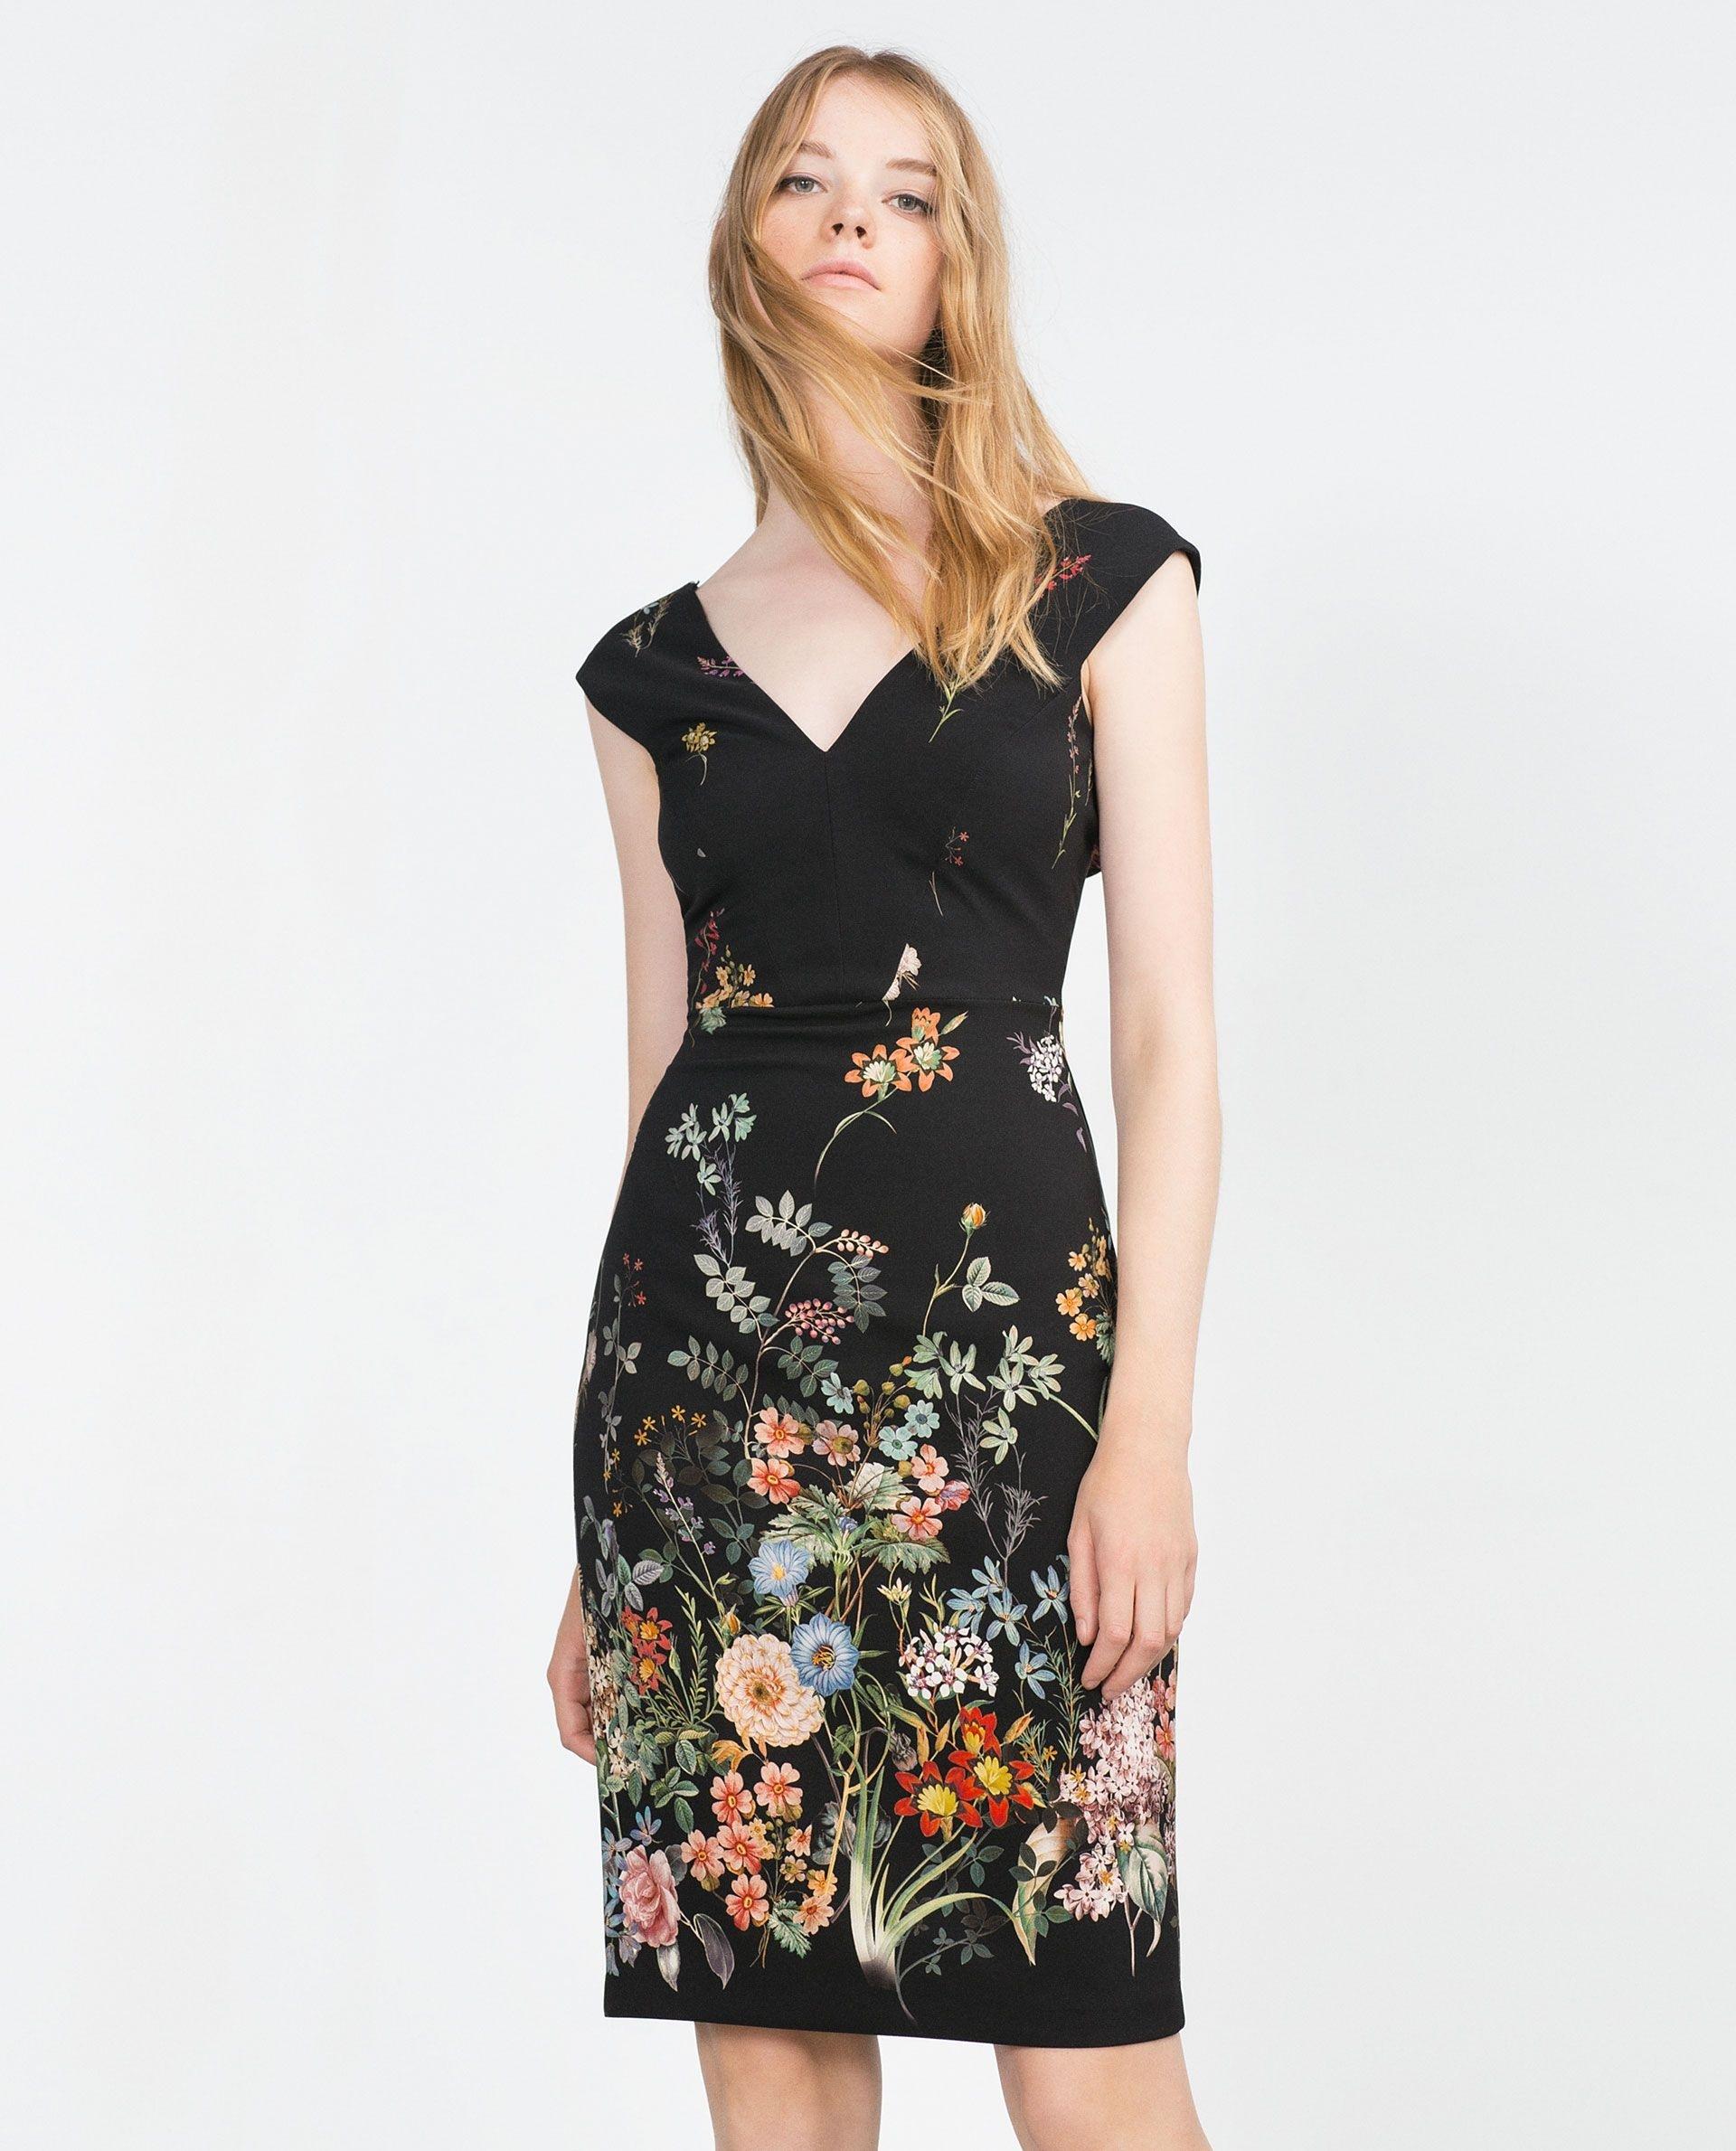 13 Erstaunlich Schöne Kleider Damen Ärmel13 Schön Schöne Kleider Damen Design